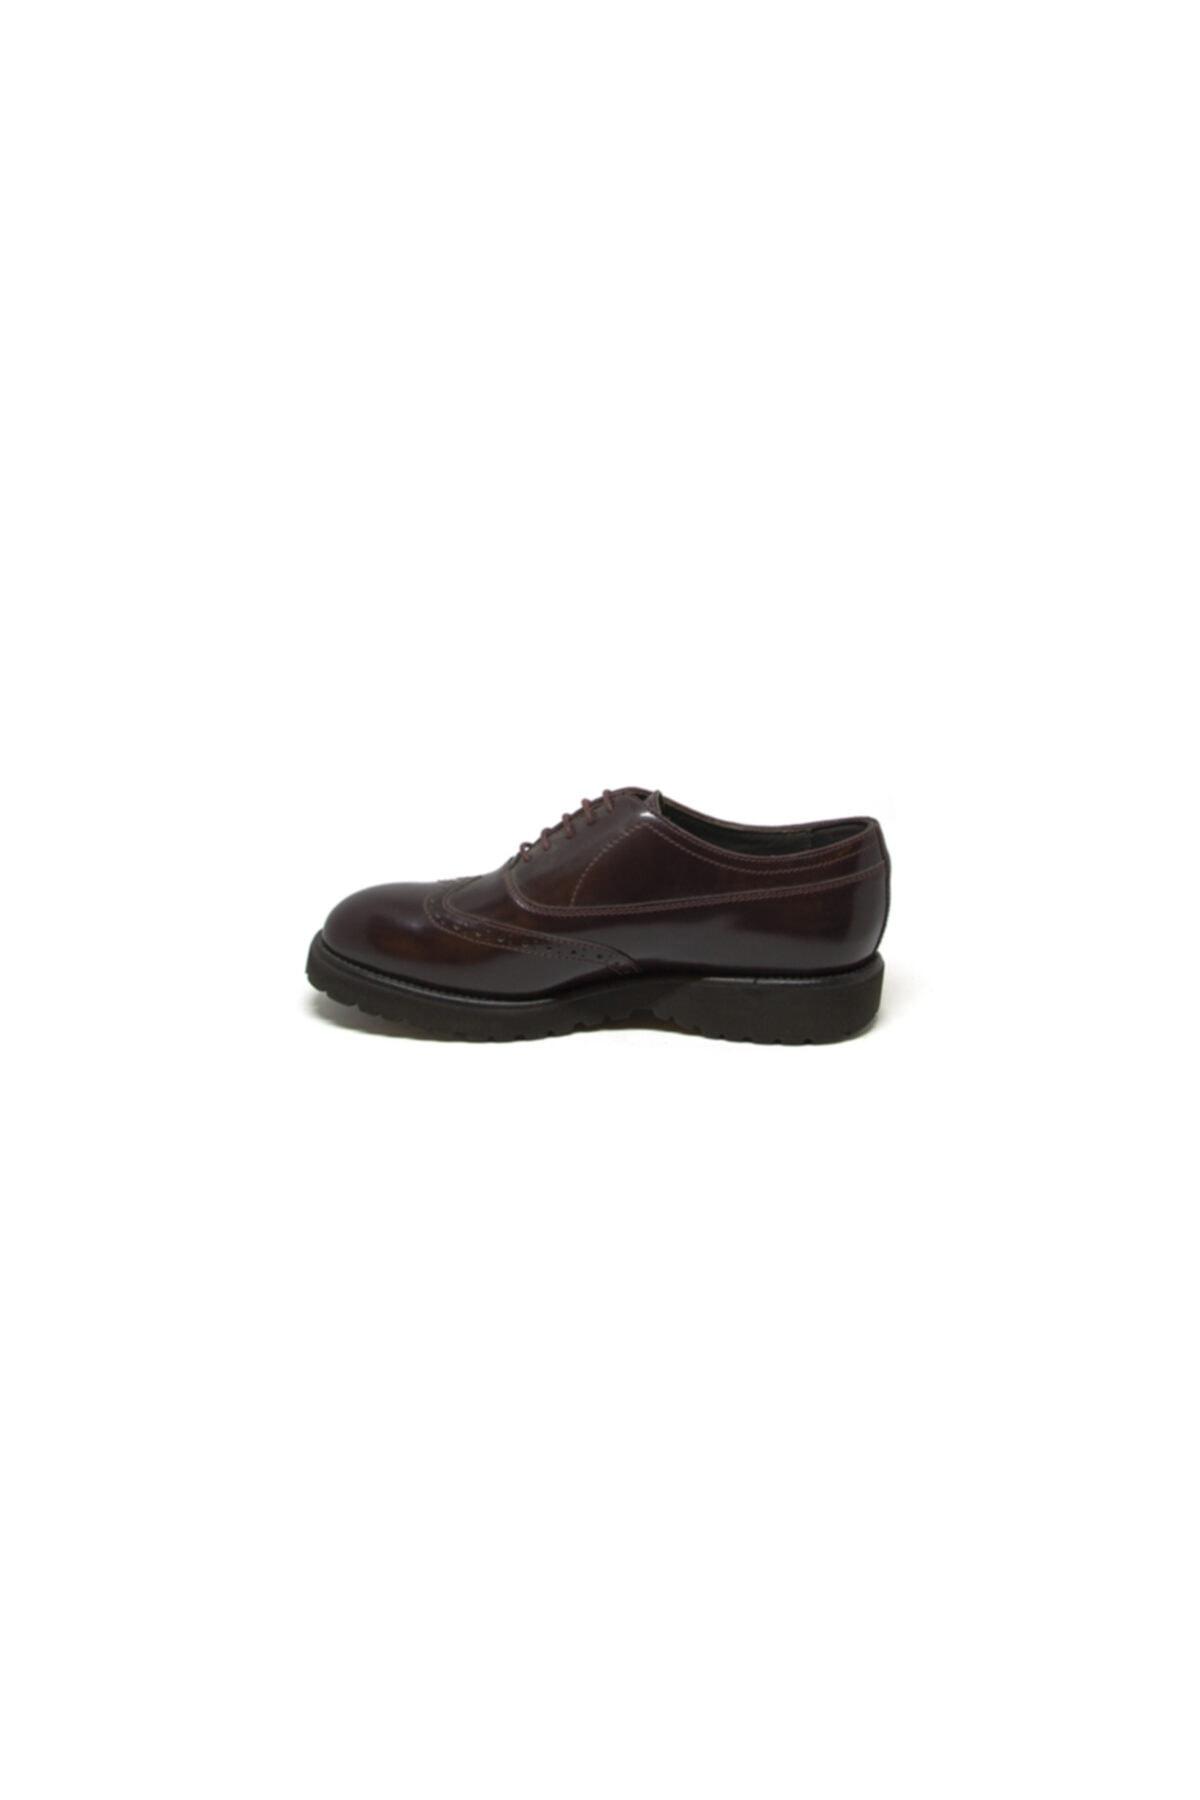 ALBERTO GUARDIANI Kadın Günlük Ayakkabı Sd55585 2